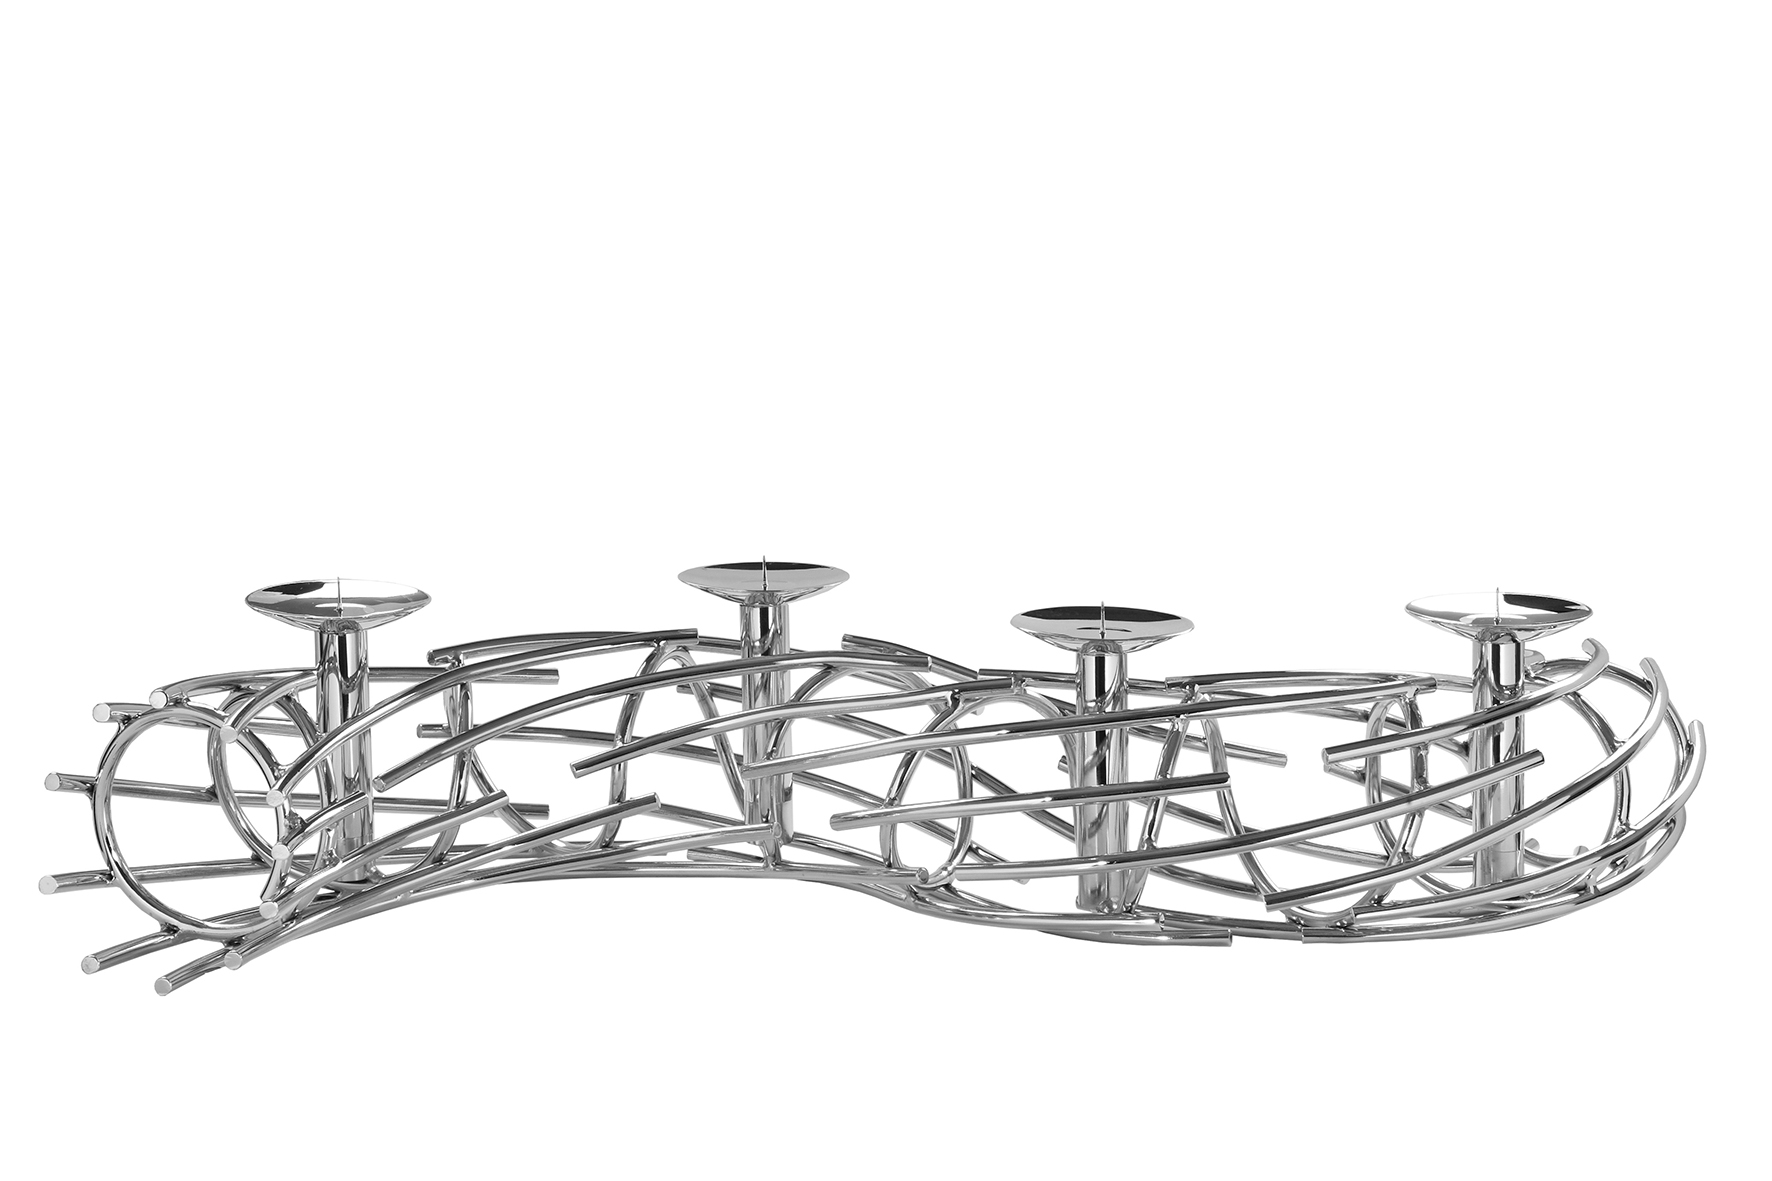 fink corona leuchterband kerzenleuchter. Black Bedroom Furniture Sets. Home Design Ideas